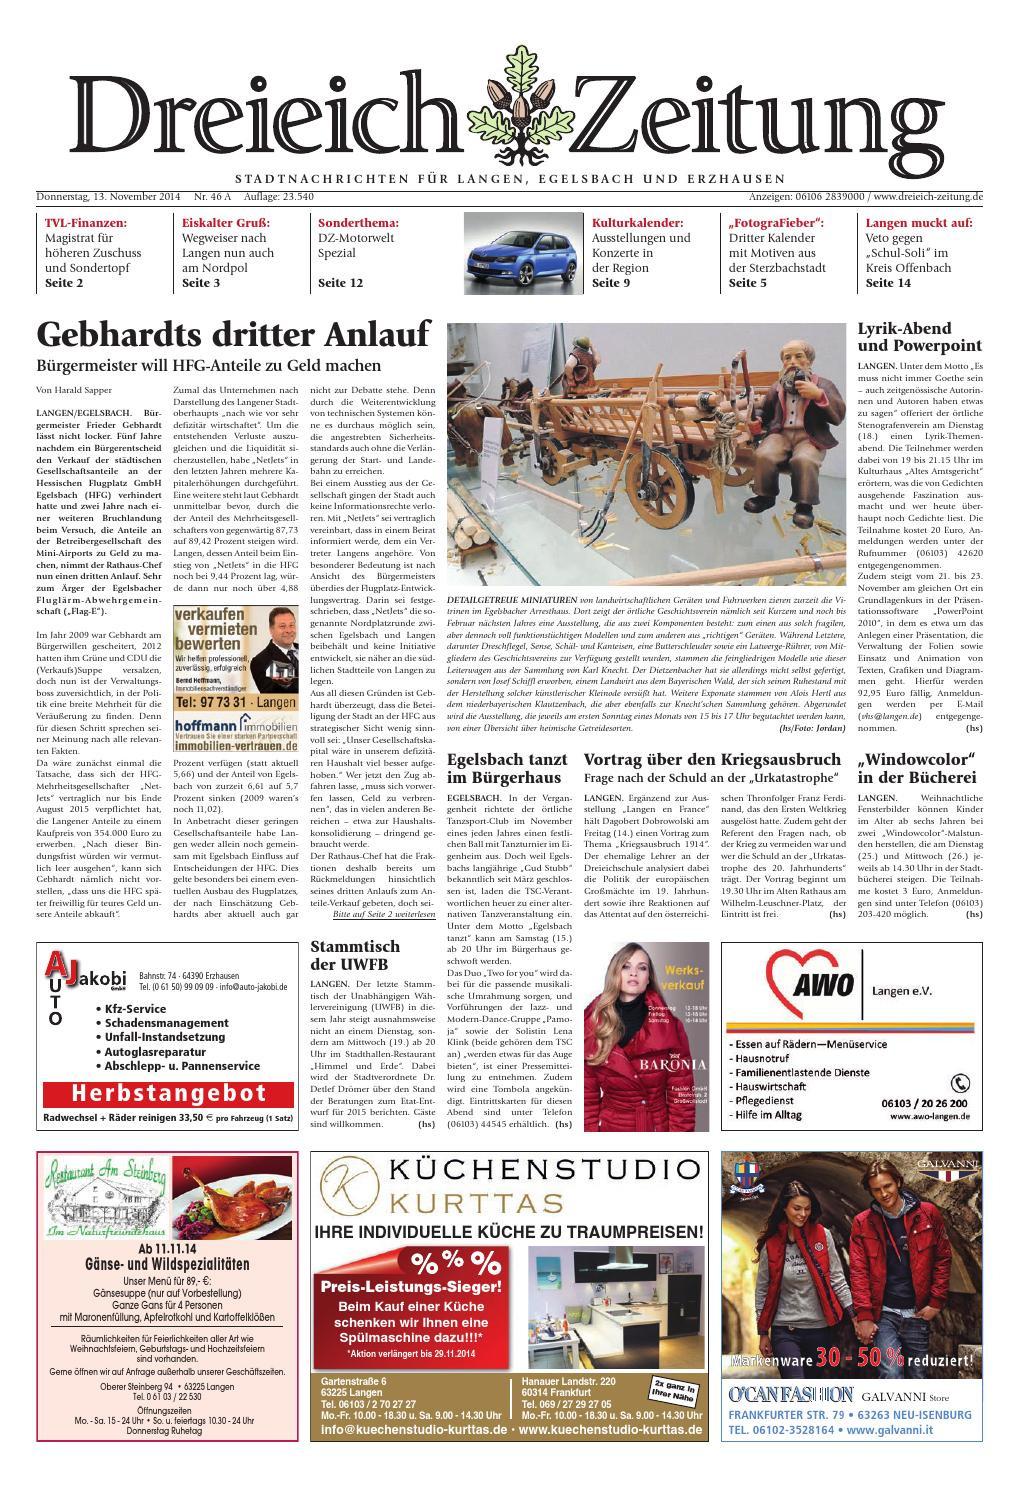 Designer Großartig M&L Abendkleider Dreieich Bester Preis13 Schön M&L Abendkleider Dreieich Stylish